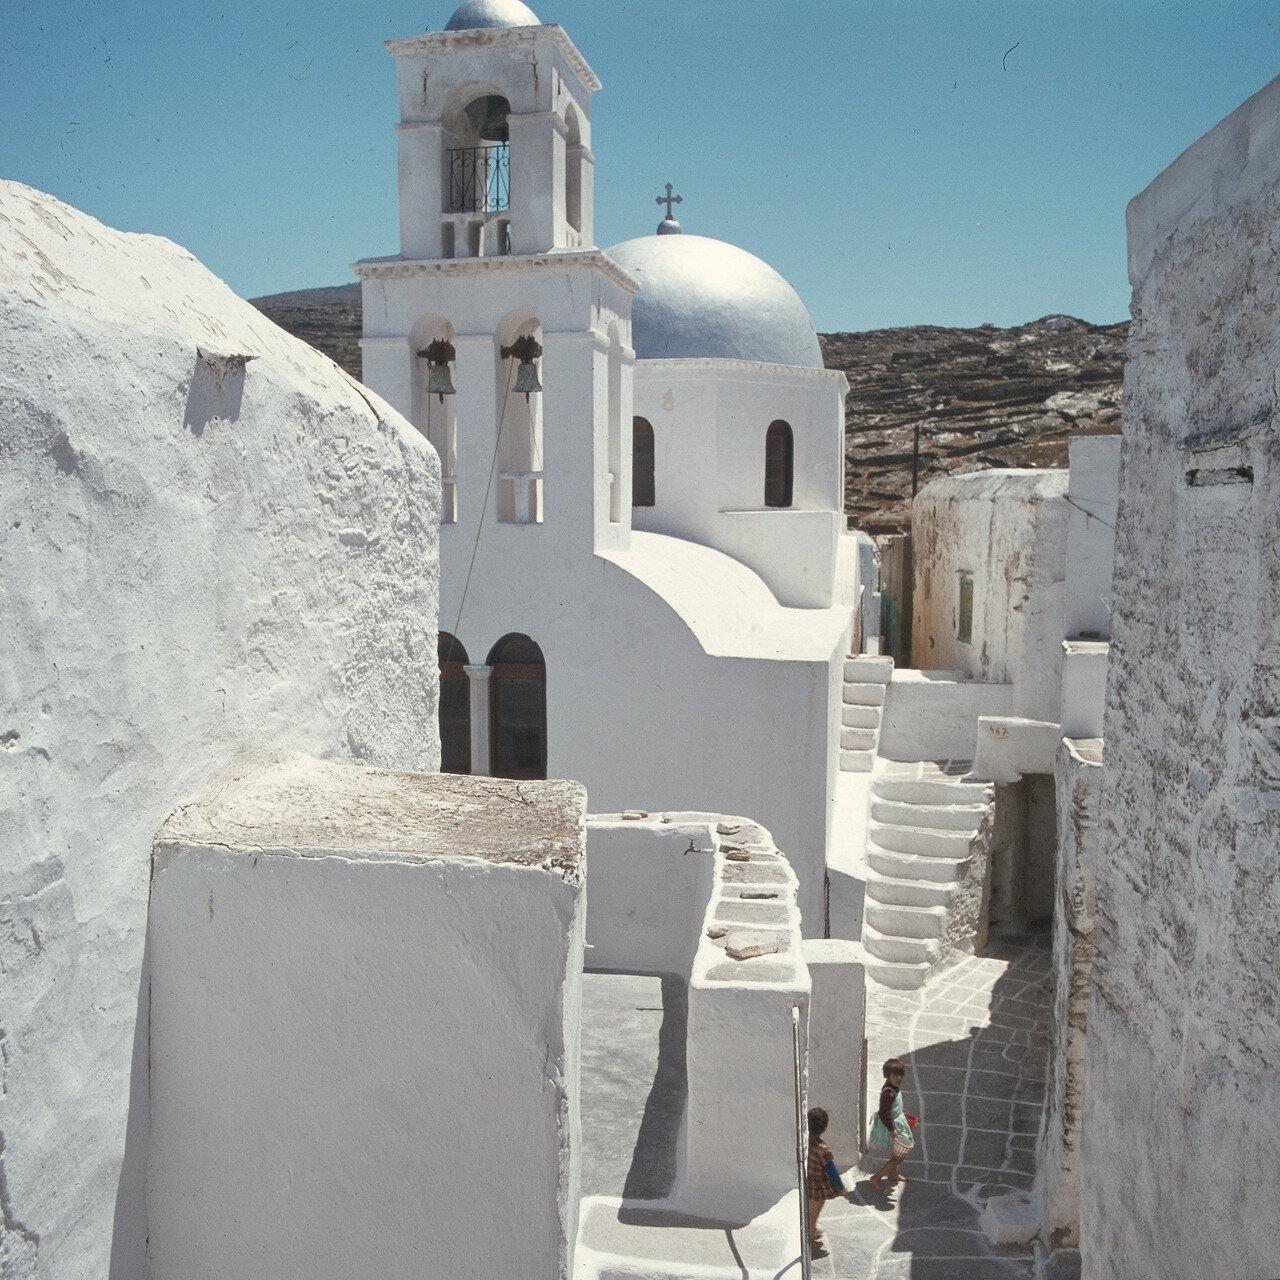 Иос, Хора. Церковь, лестницы, улица